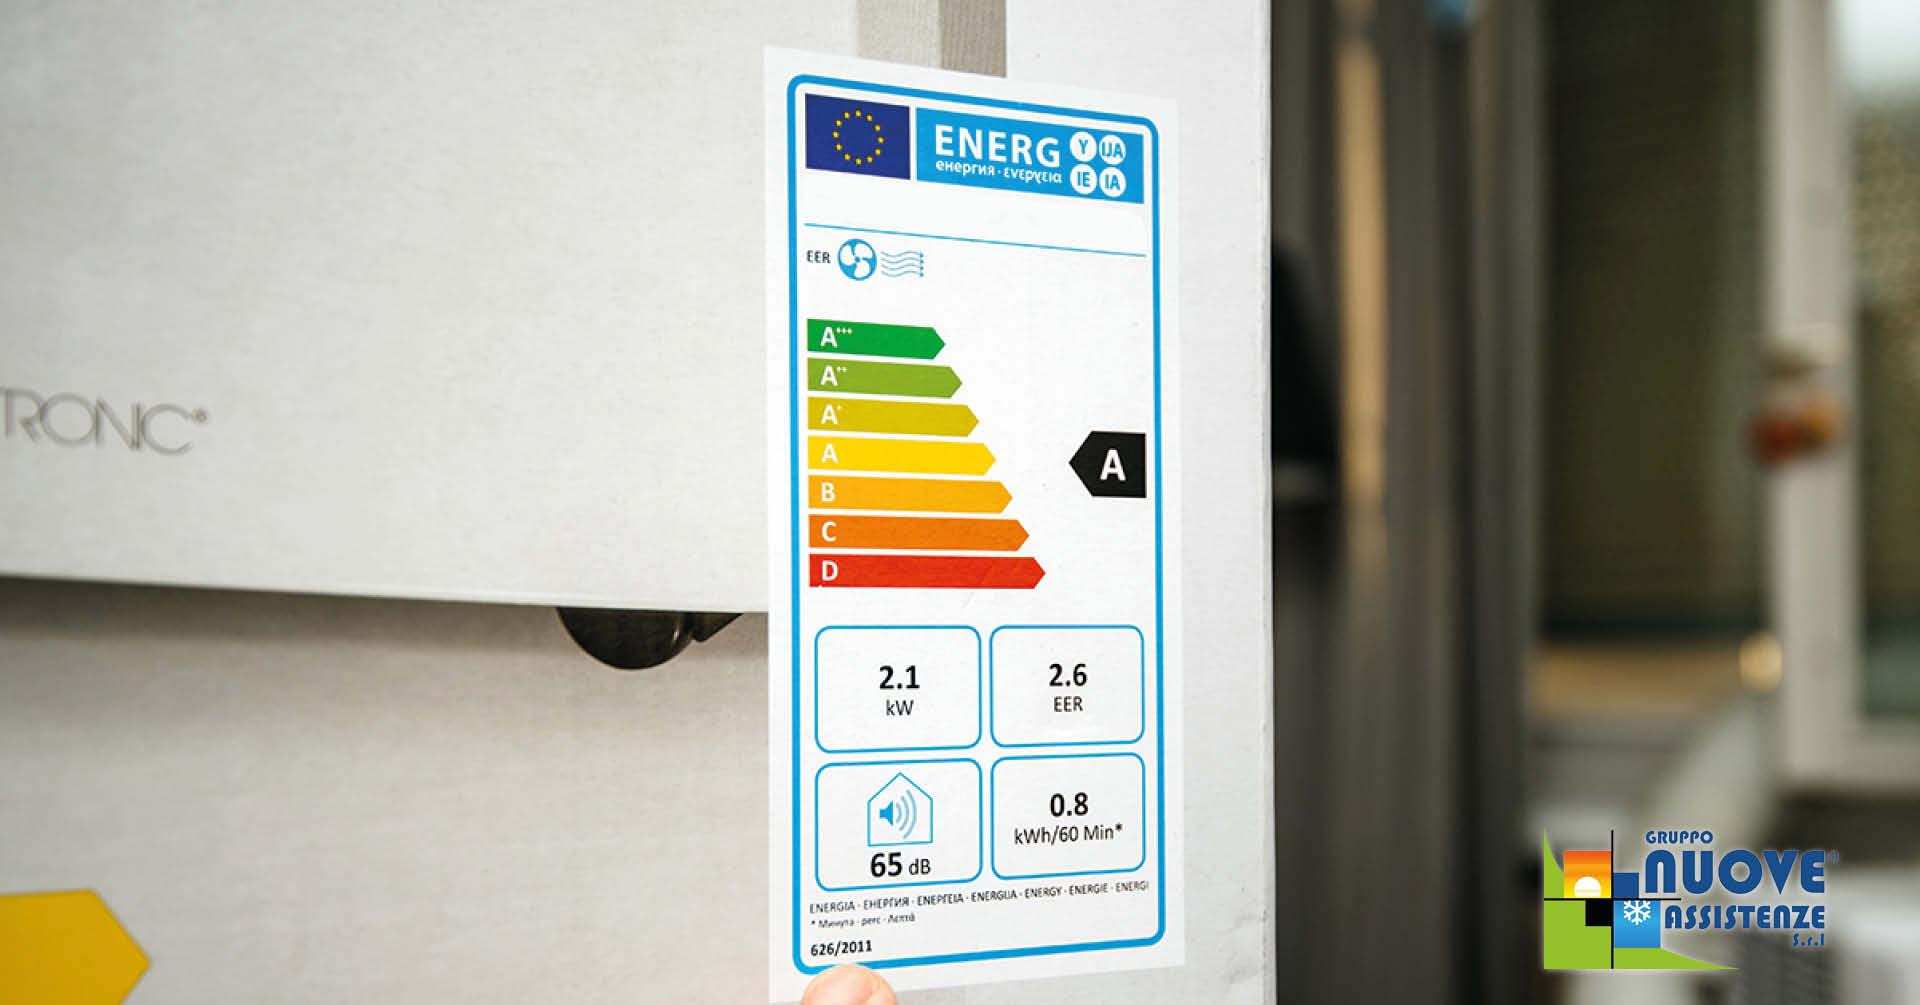 quanto consuma un climatizzatore?